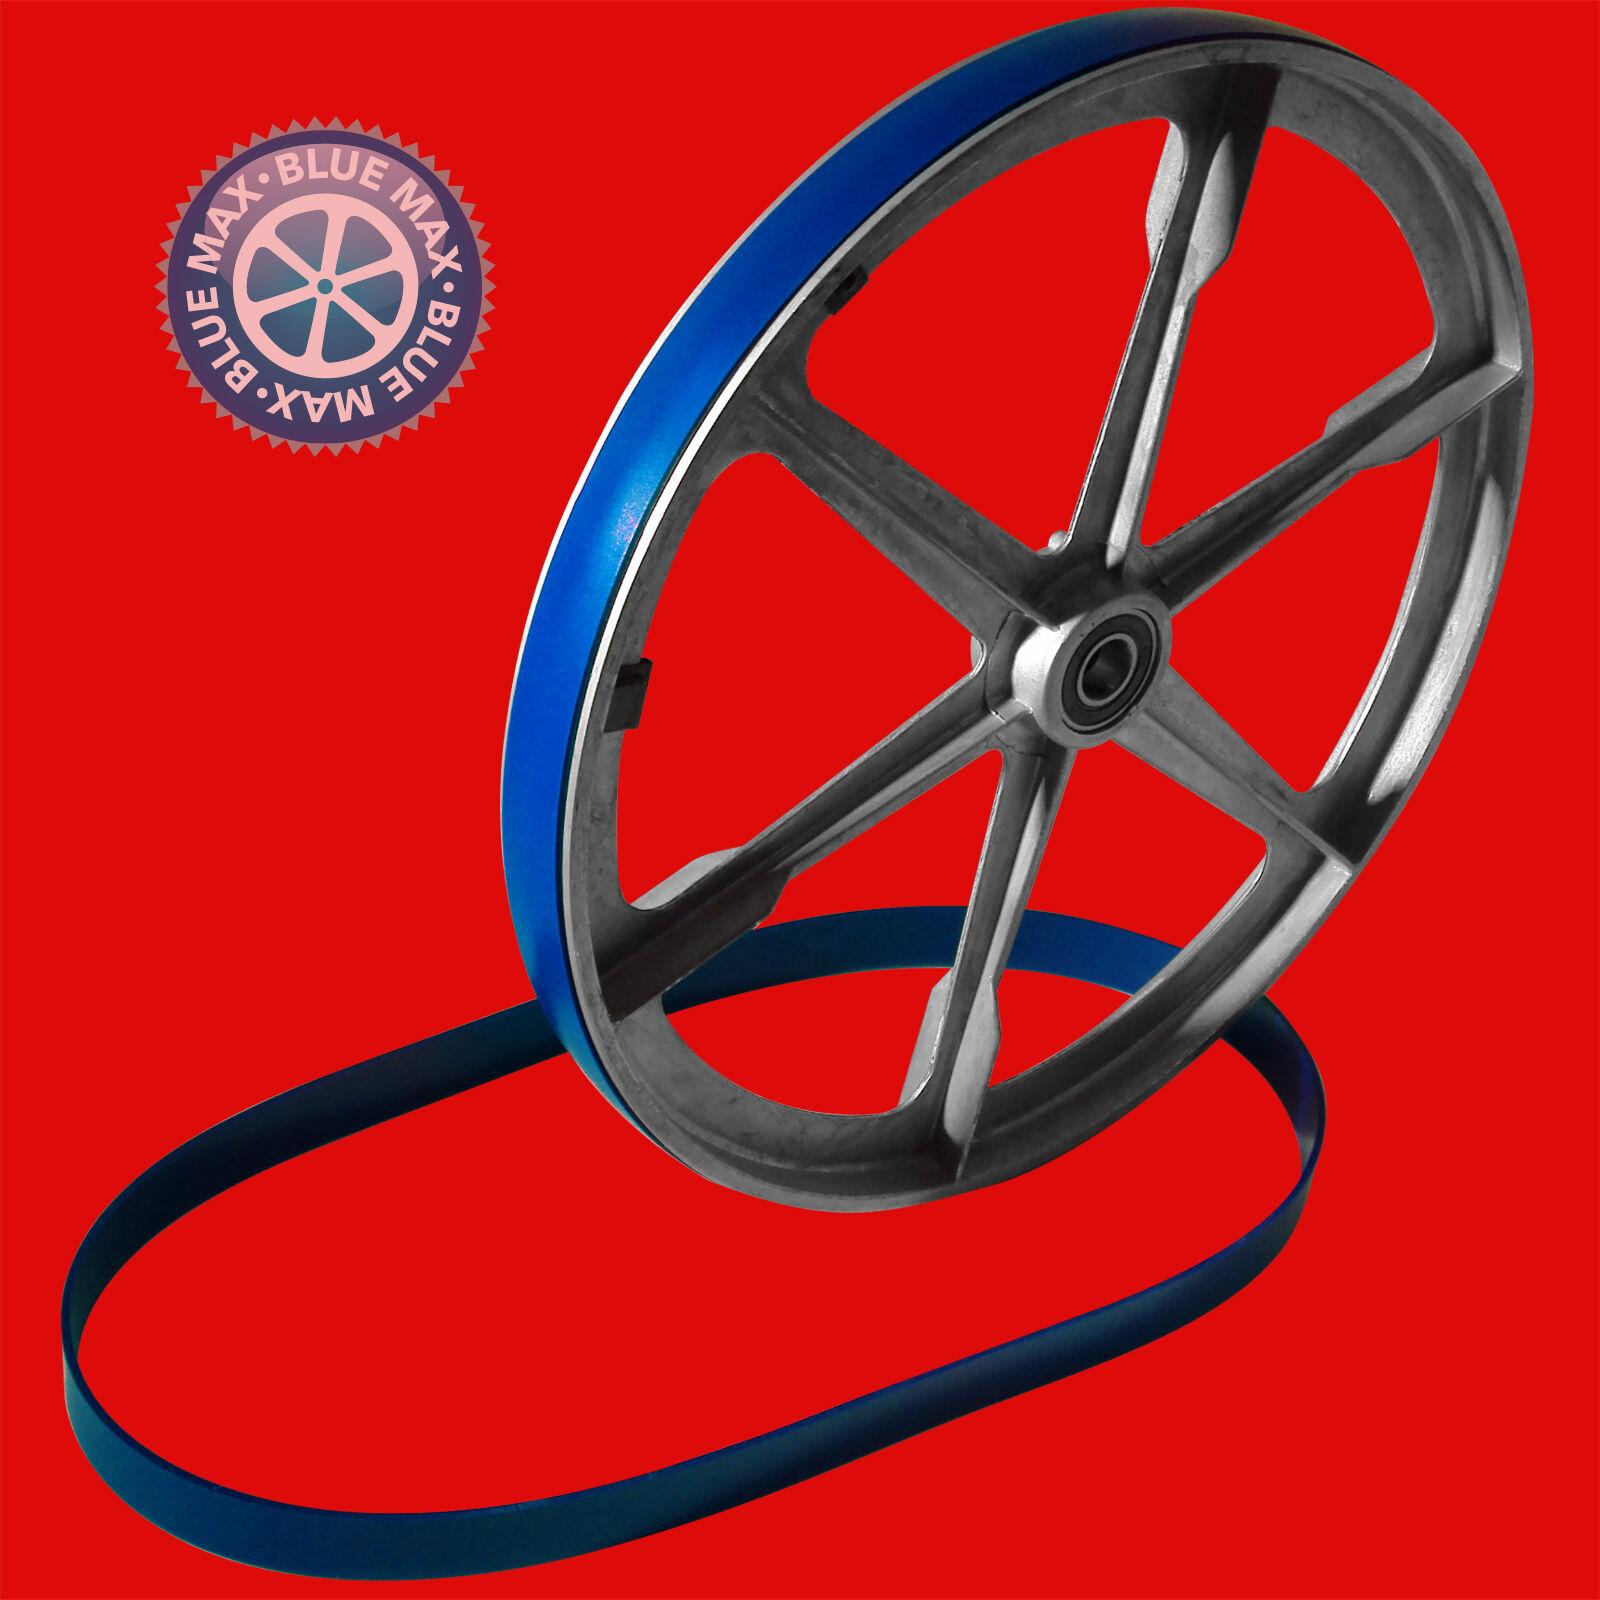 2 Blaues Max Ultra Duty Urethane Cinta Sierra Neumáticos para Wilton 8014fw